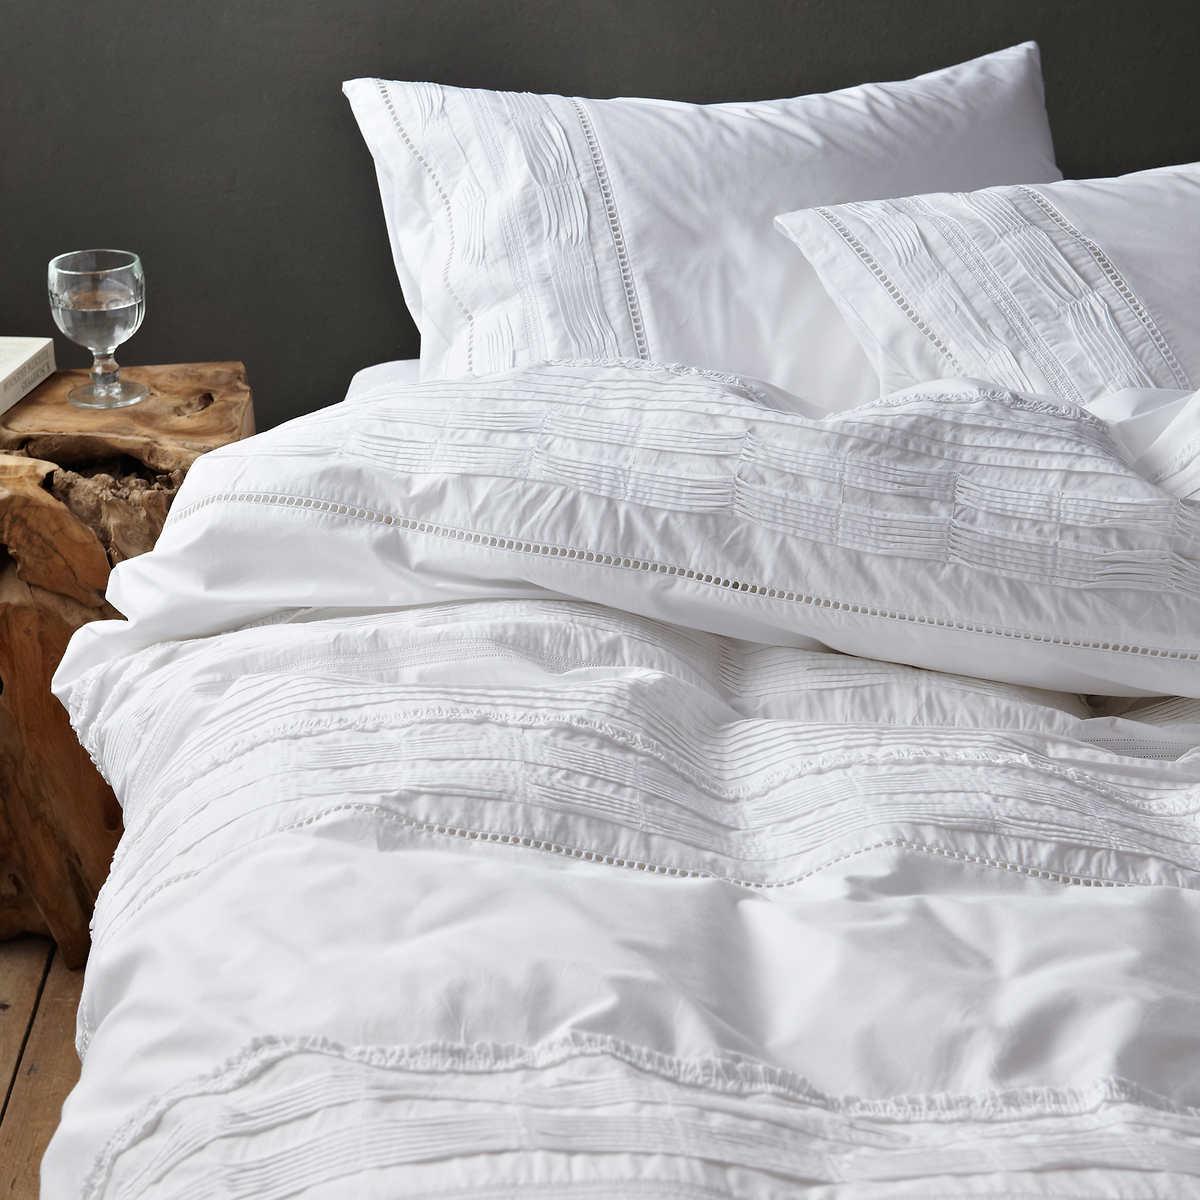 bedding sets | costco